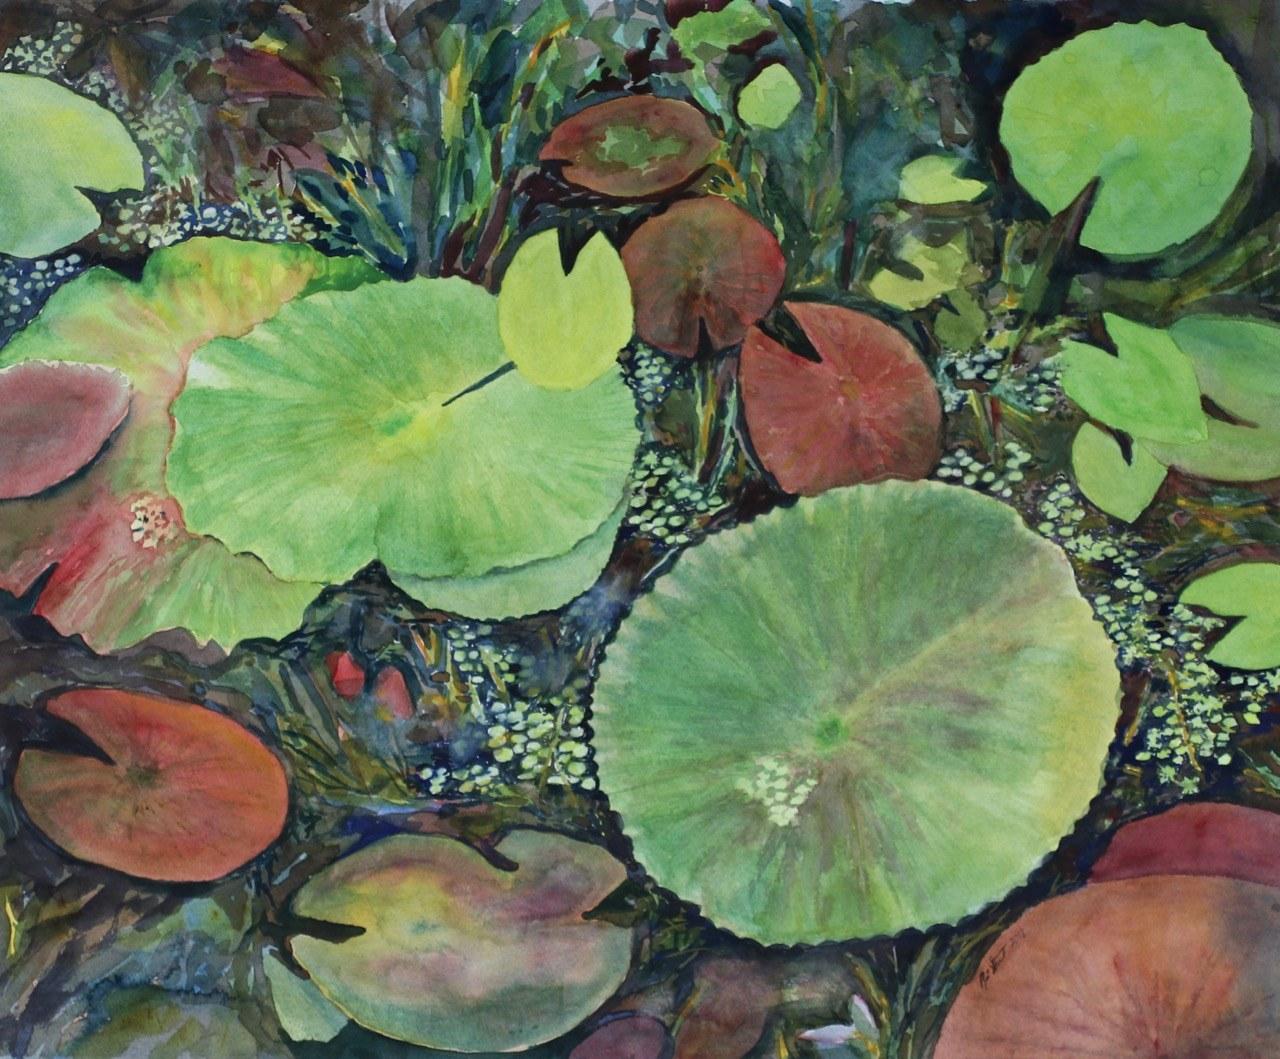 Stewart, Renee, Lilypads at McKee, watercolor, 24x20, $400